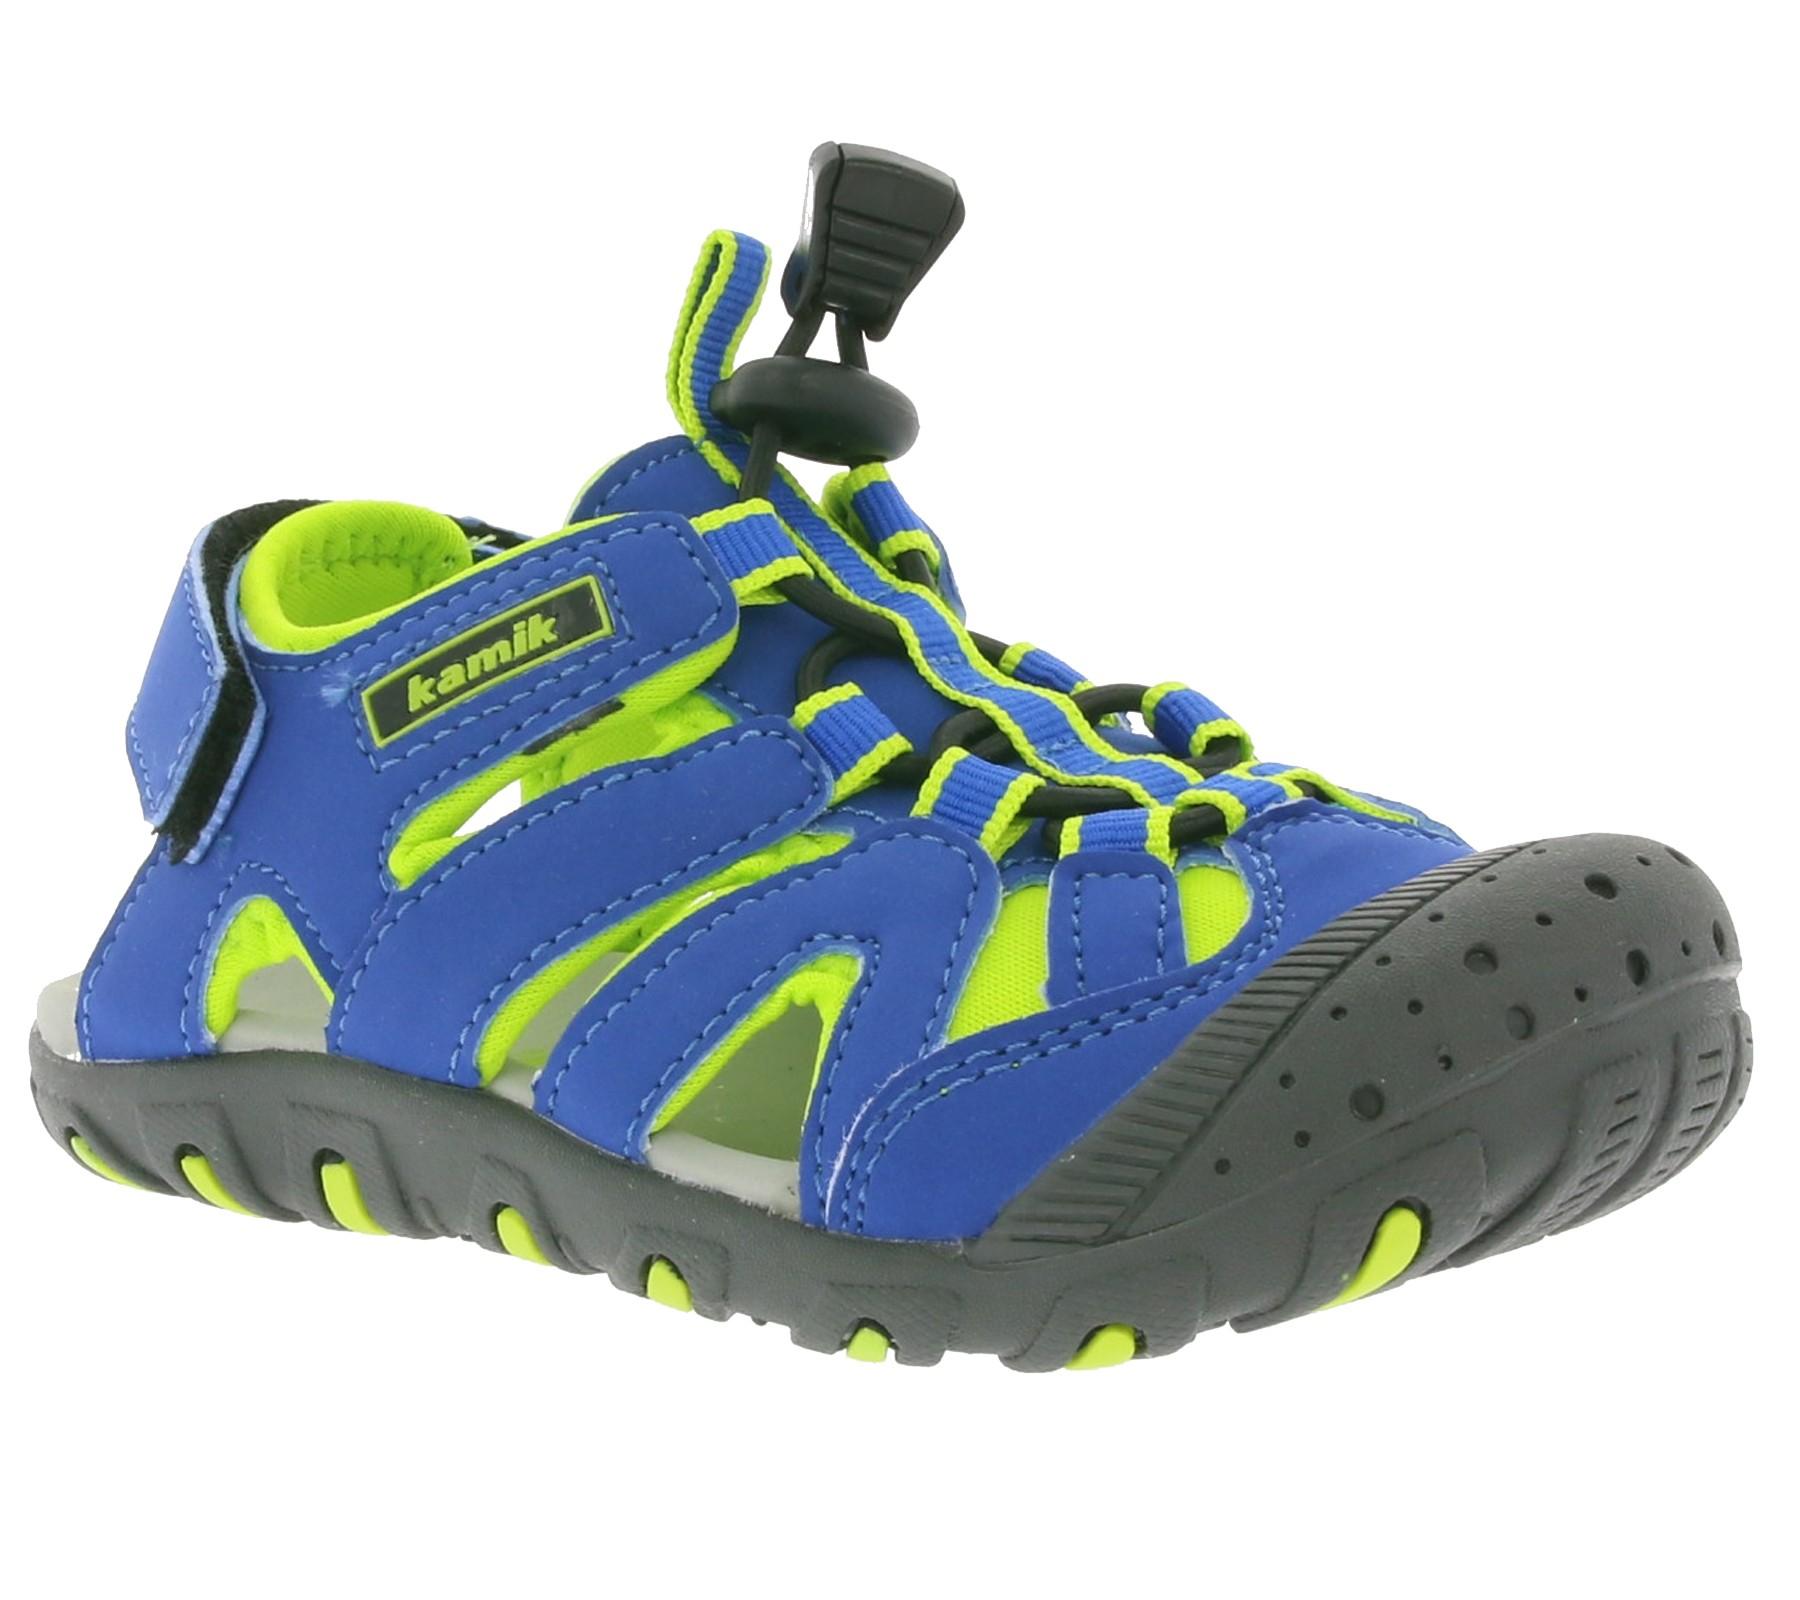 Kamik Oyster Kinder Trekking-Sandalen verschiedene Größen für 9,99€ bei [Outlet 46] bis zu 78 % Ersparnis